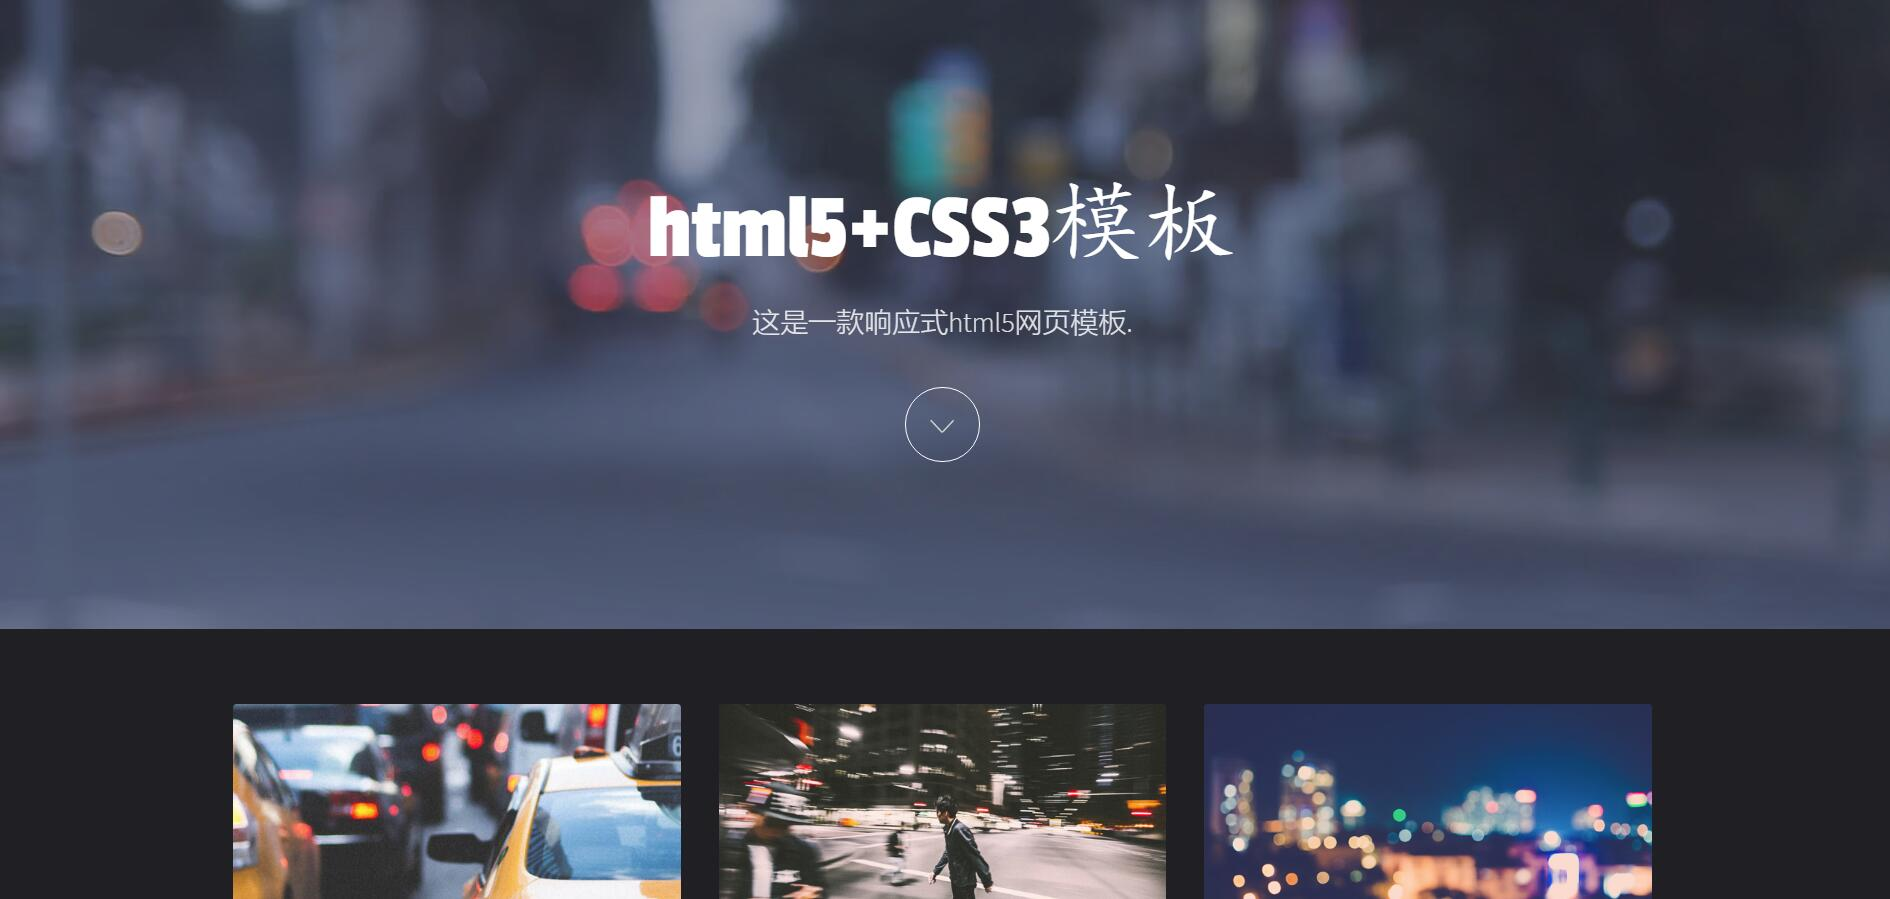 一款html5响应式网页模板